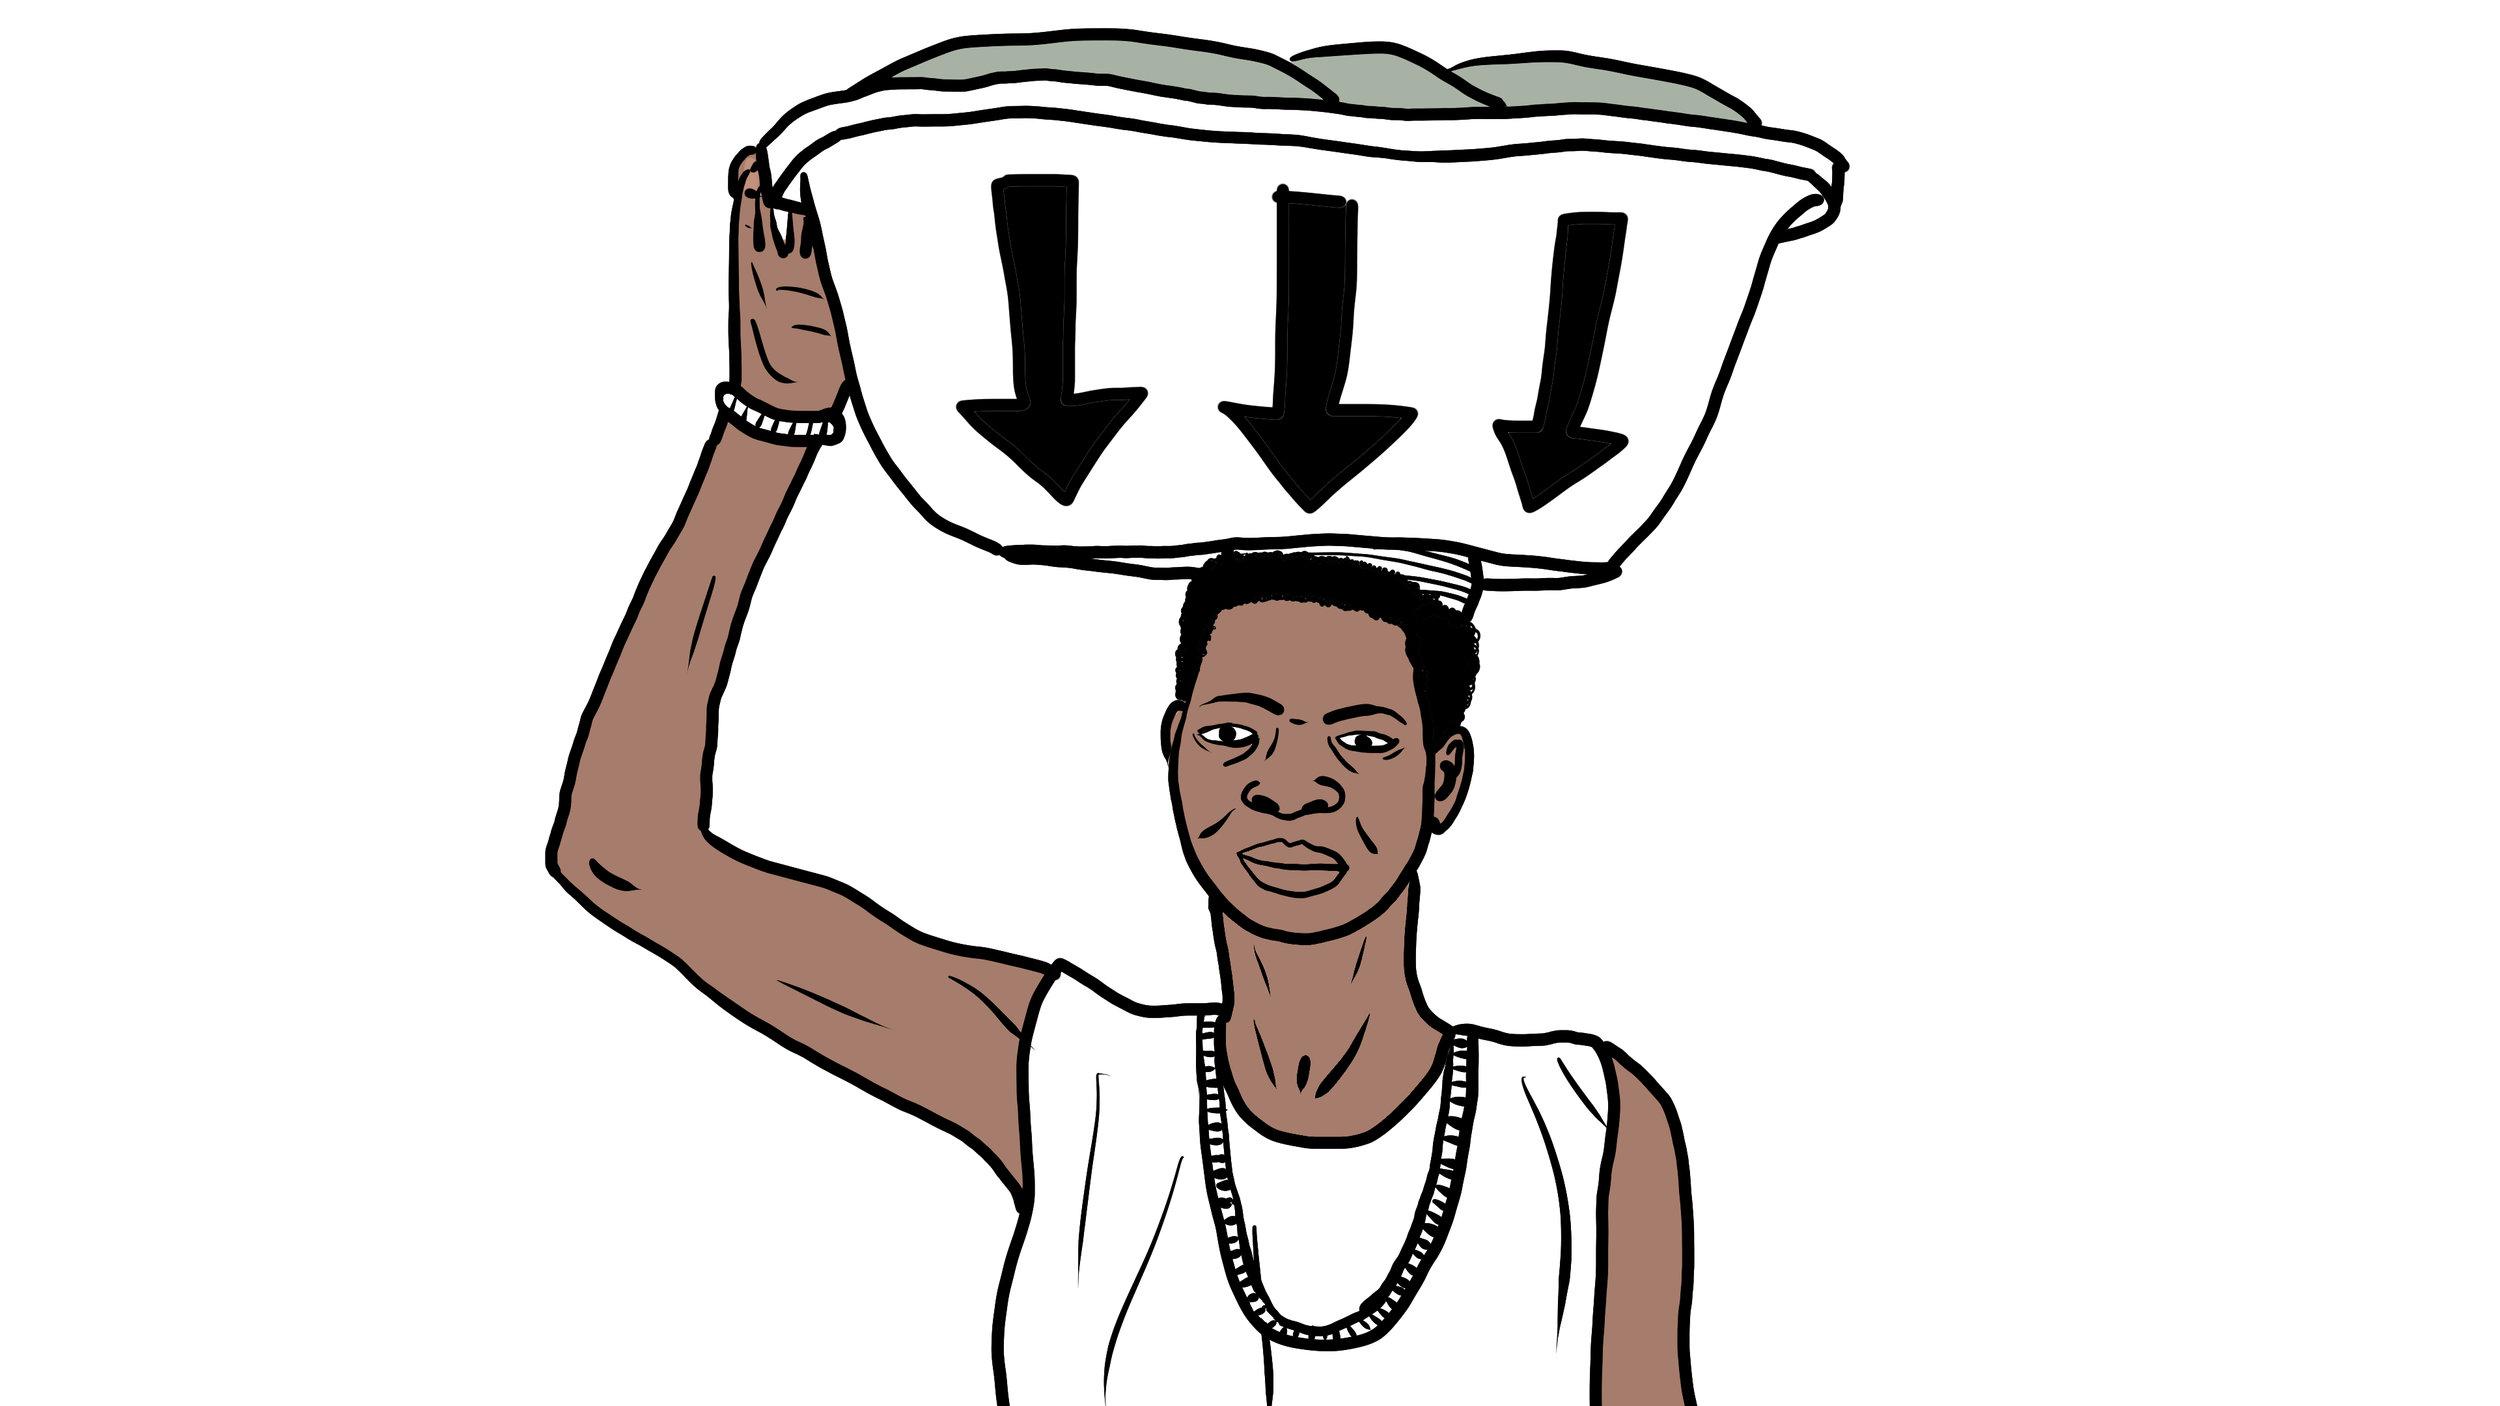 orisha image, yoruba, nigeria, osogbo, oyo, yoruba town, olorisha